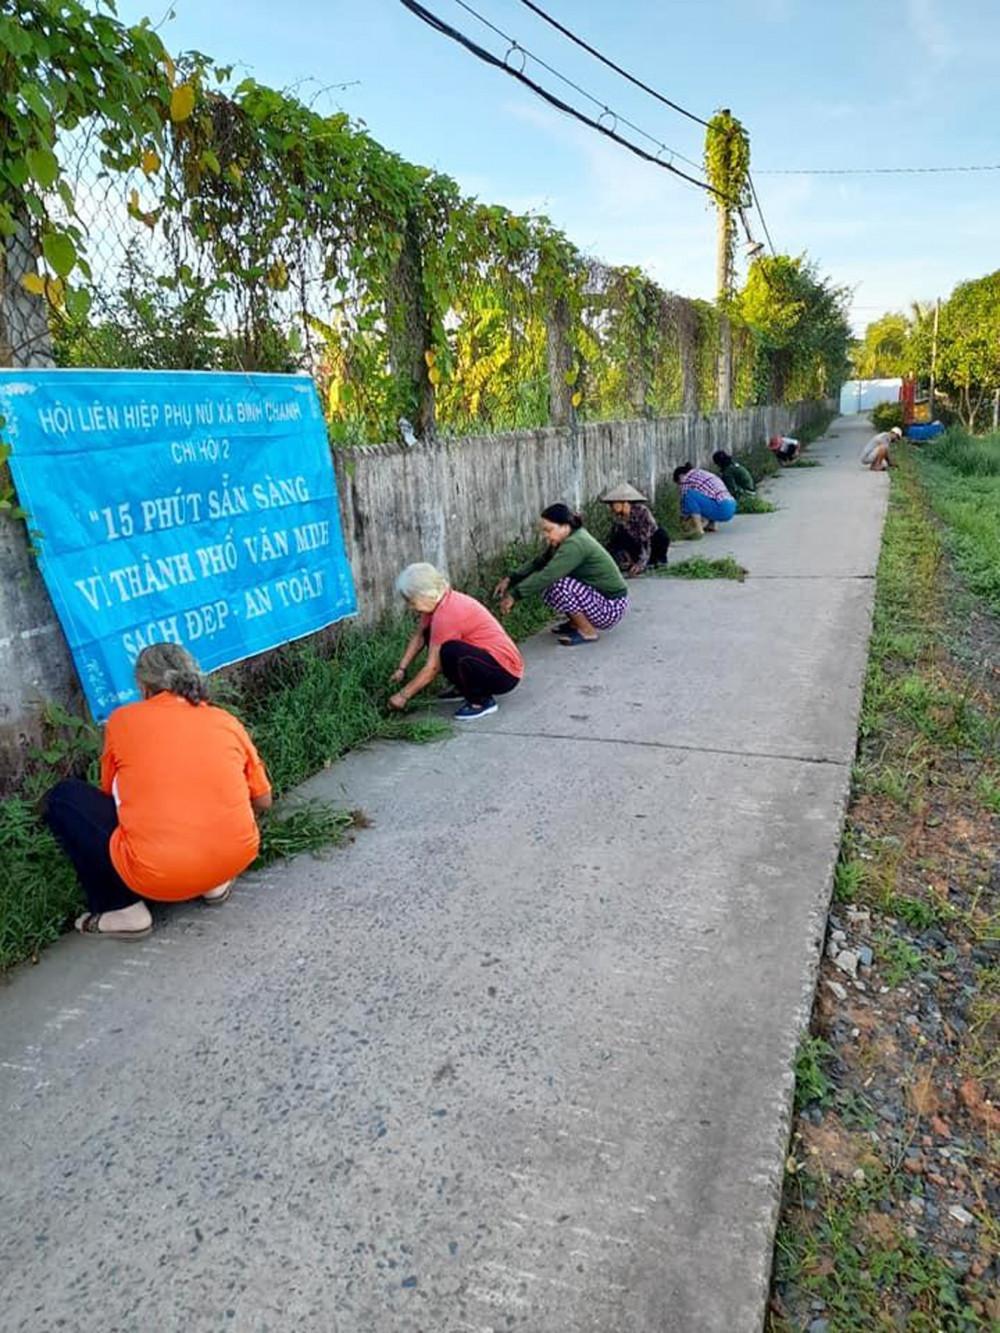 """Từ cuộc vận động xây dựng gia đình """"5 không, 3 sạch"""" đã có hơn 55.000km đường hoa, cây xanh được các cấp Hội thực hiện"""